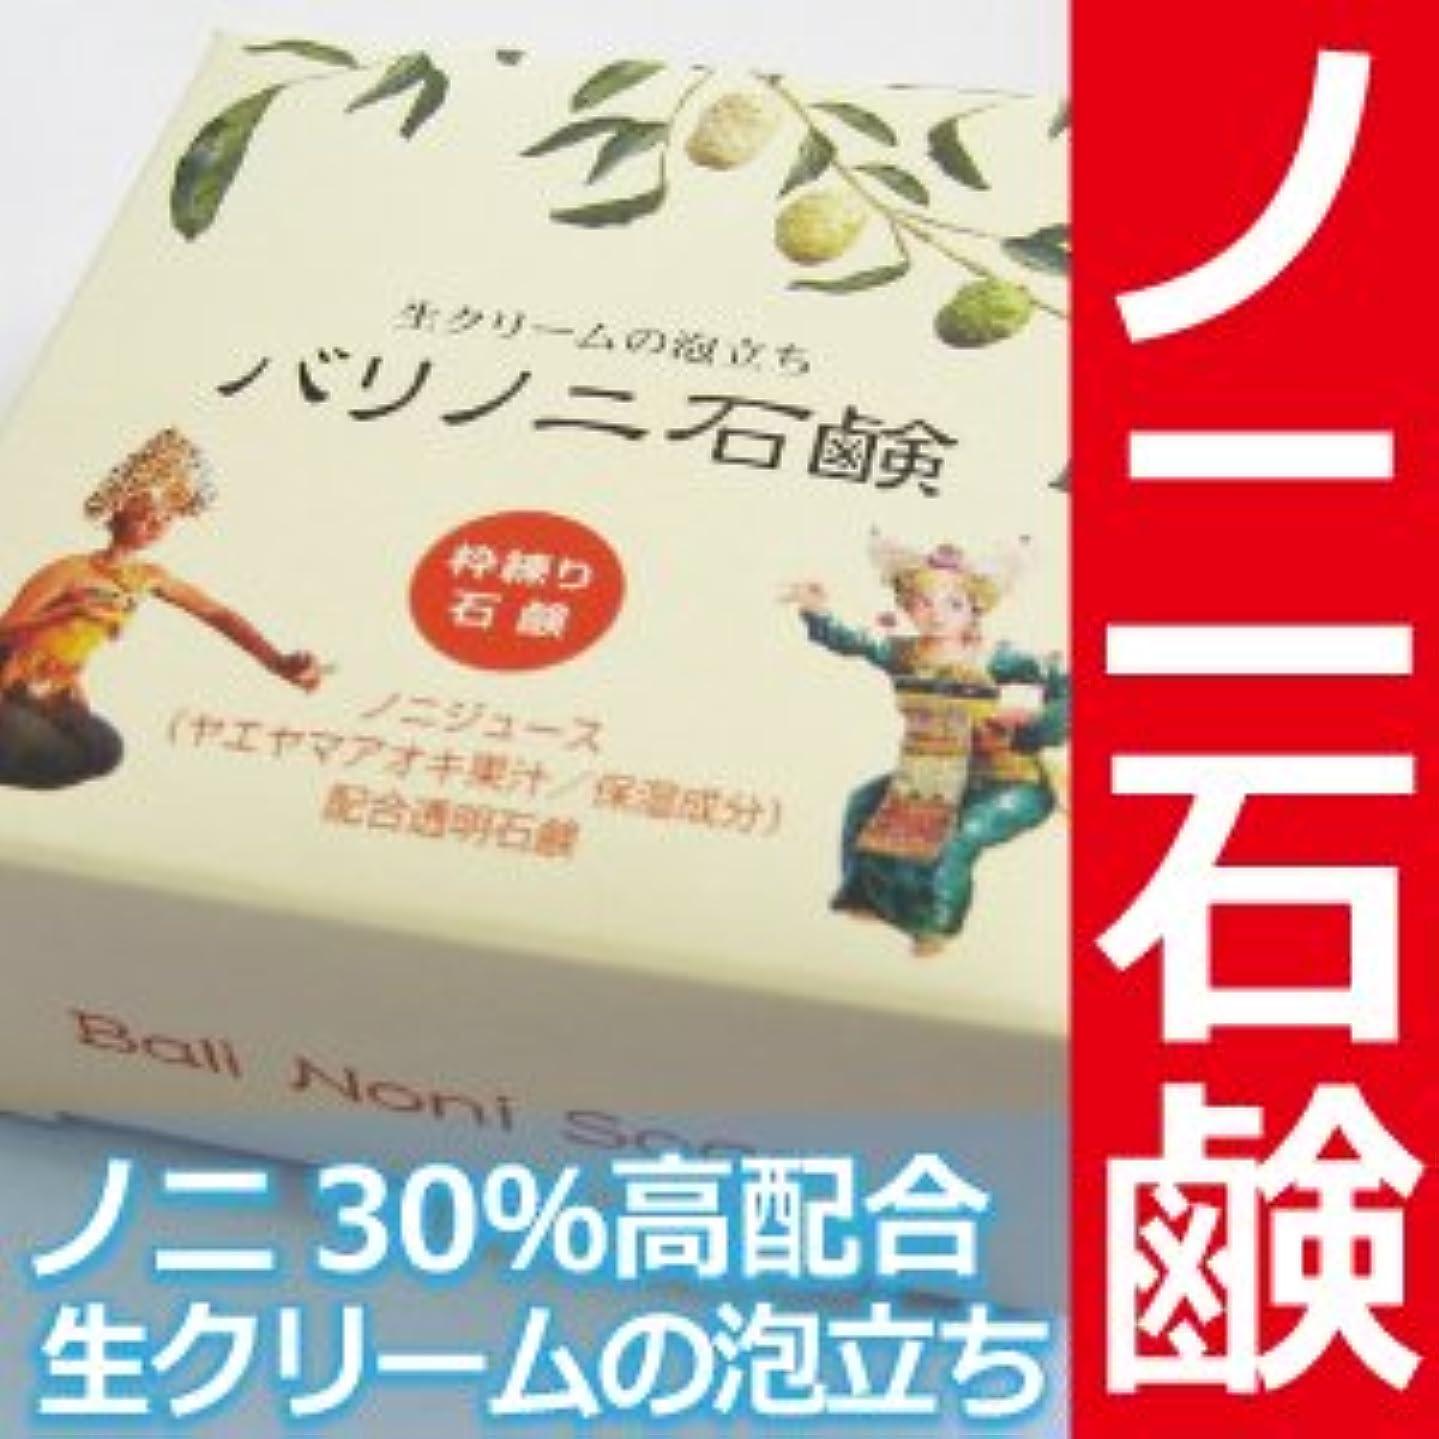 ノニ30%の高配合枠練り石鹸 もっちり生クリームの泡立ち バリノニ石鹸(枠練り) 90g